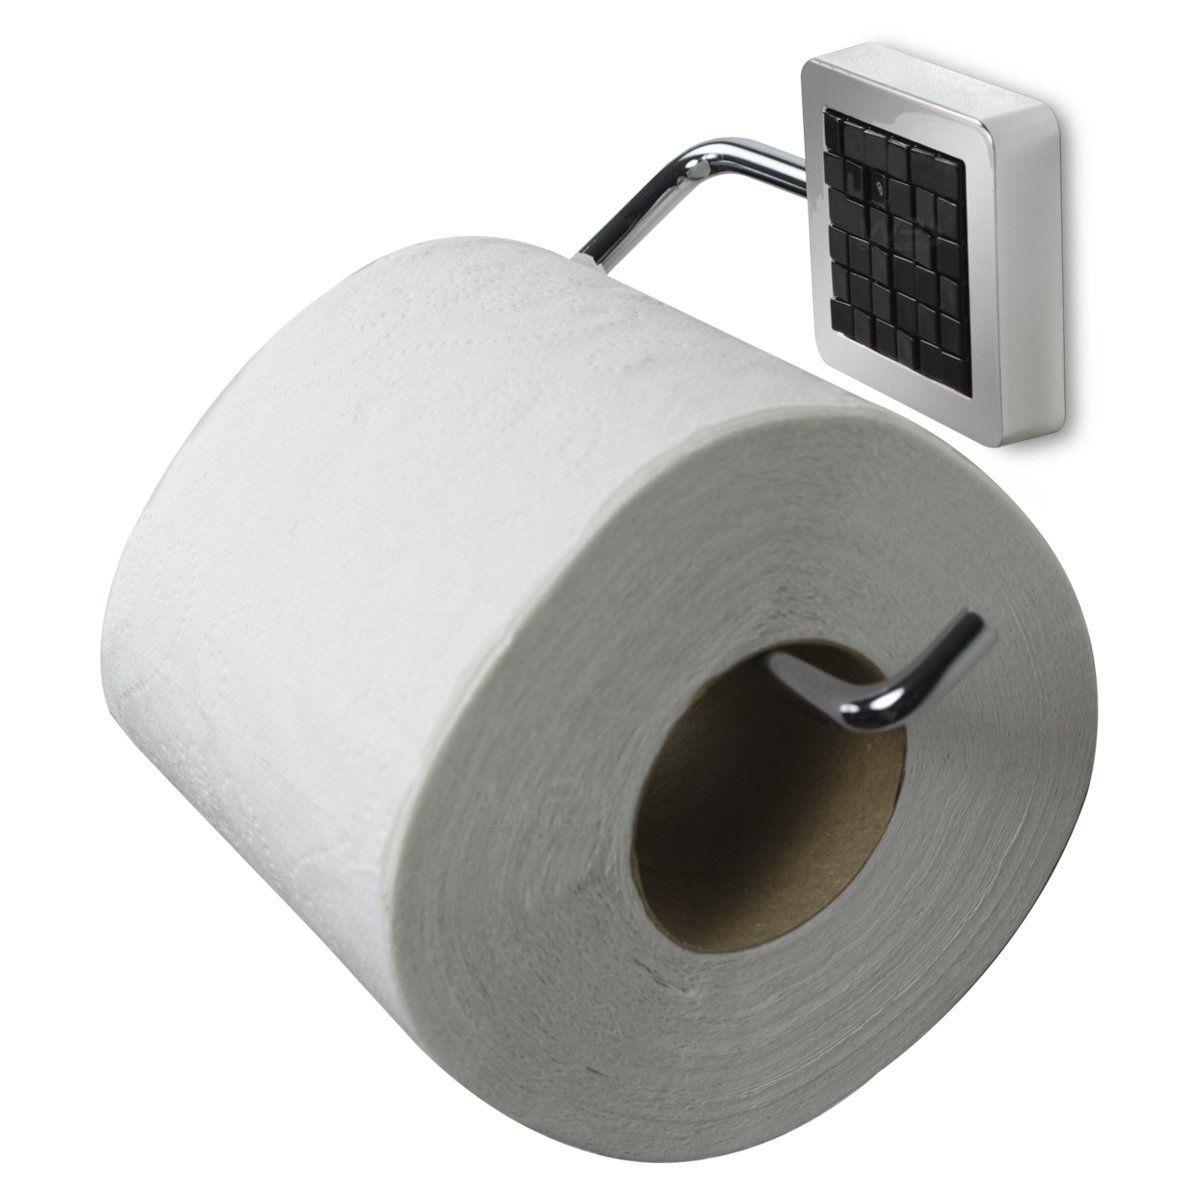 Porta Rolo de Papel Higiênico Parede Banheiro Luxo - Preto